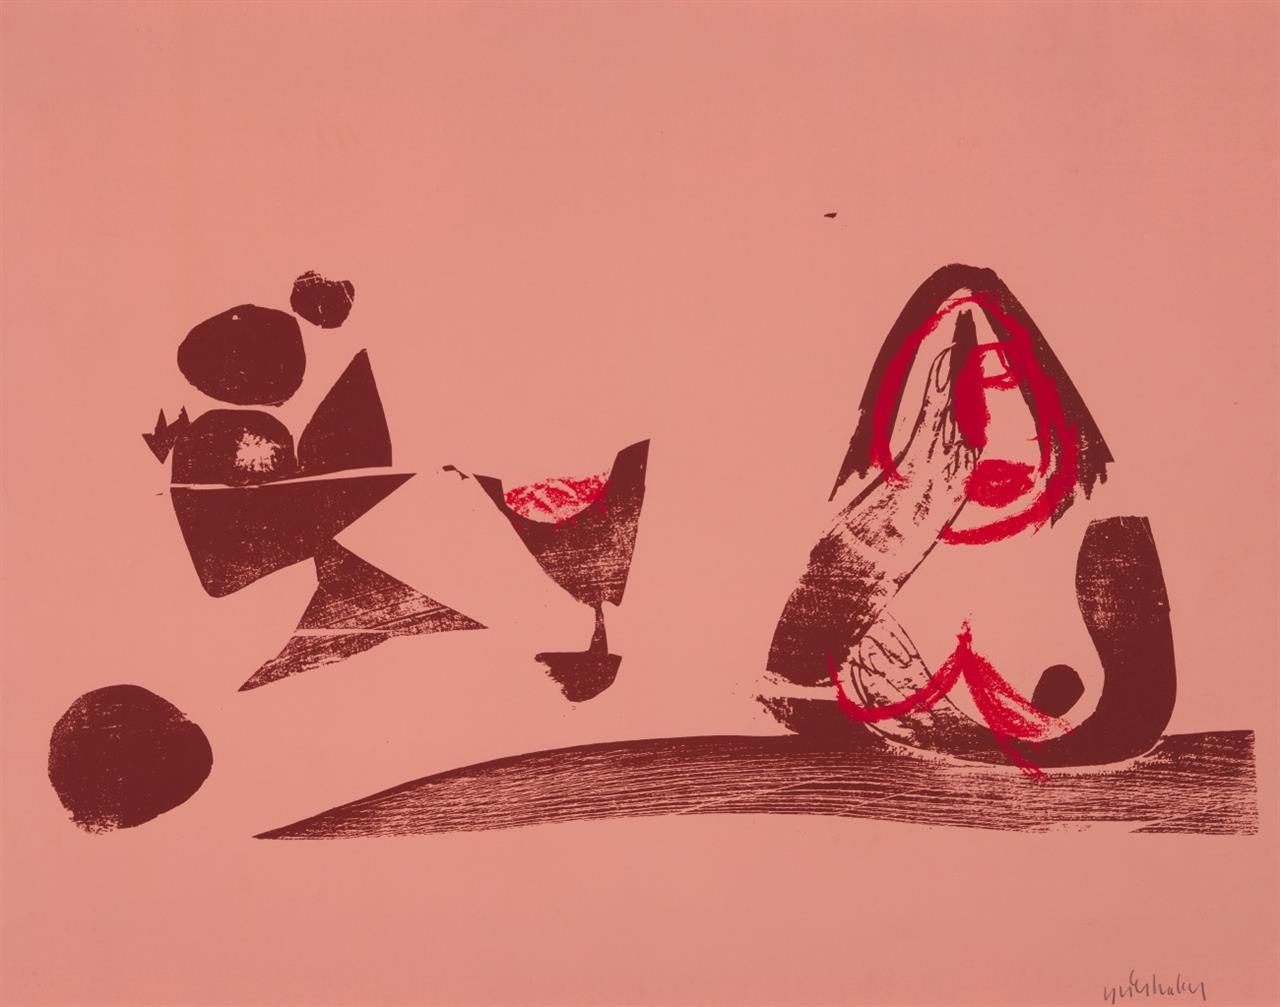 HAP Grieshaber. Stillleben und Frauenbüste, 1969 (1947). Siebdruck. Reproduktion der Galerie Maercklin, Stuttgart.